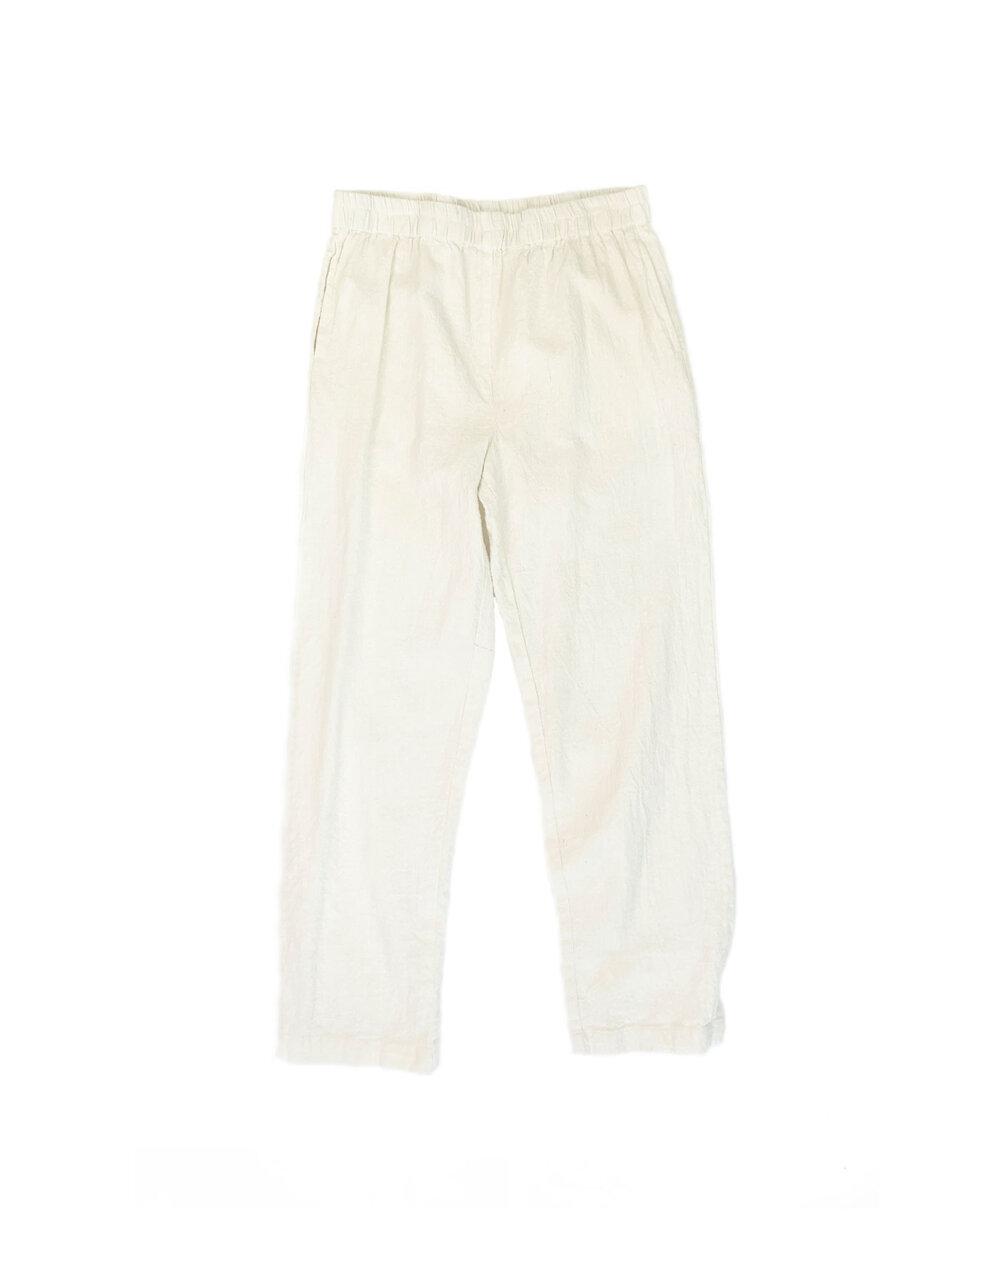 Lounger Pants in Foam